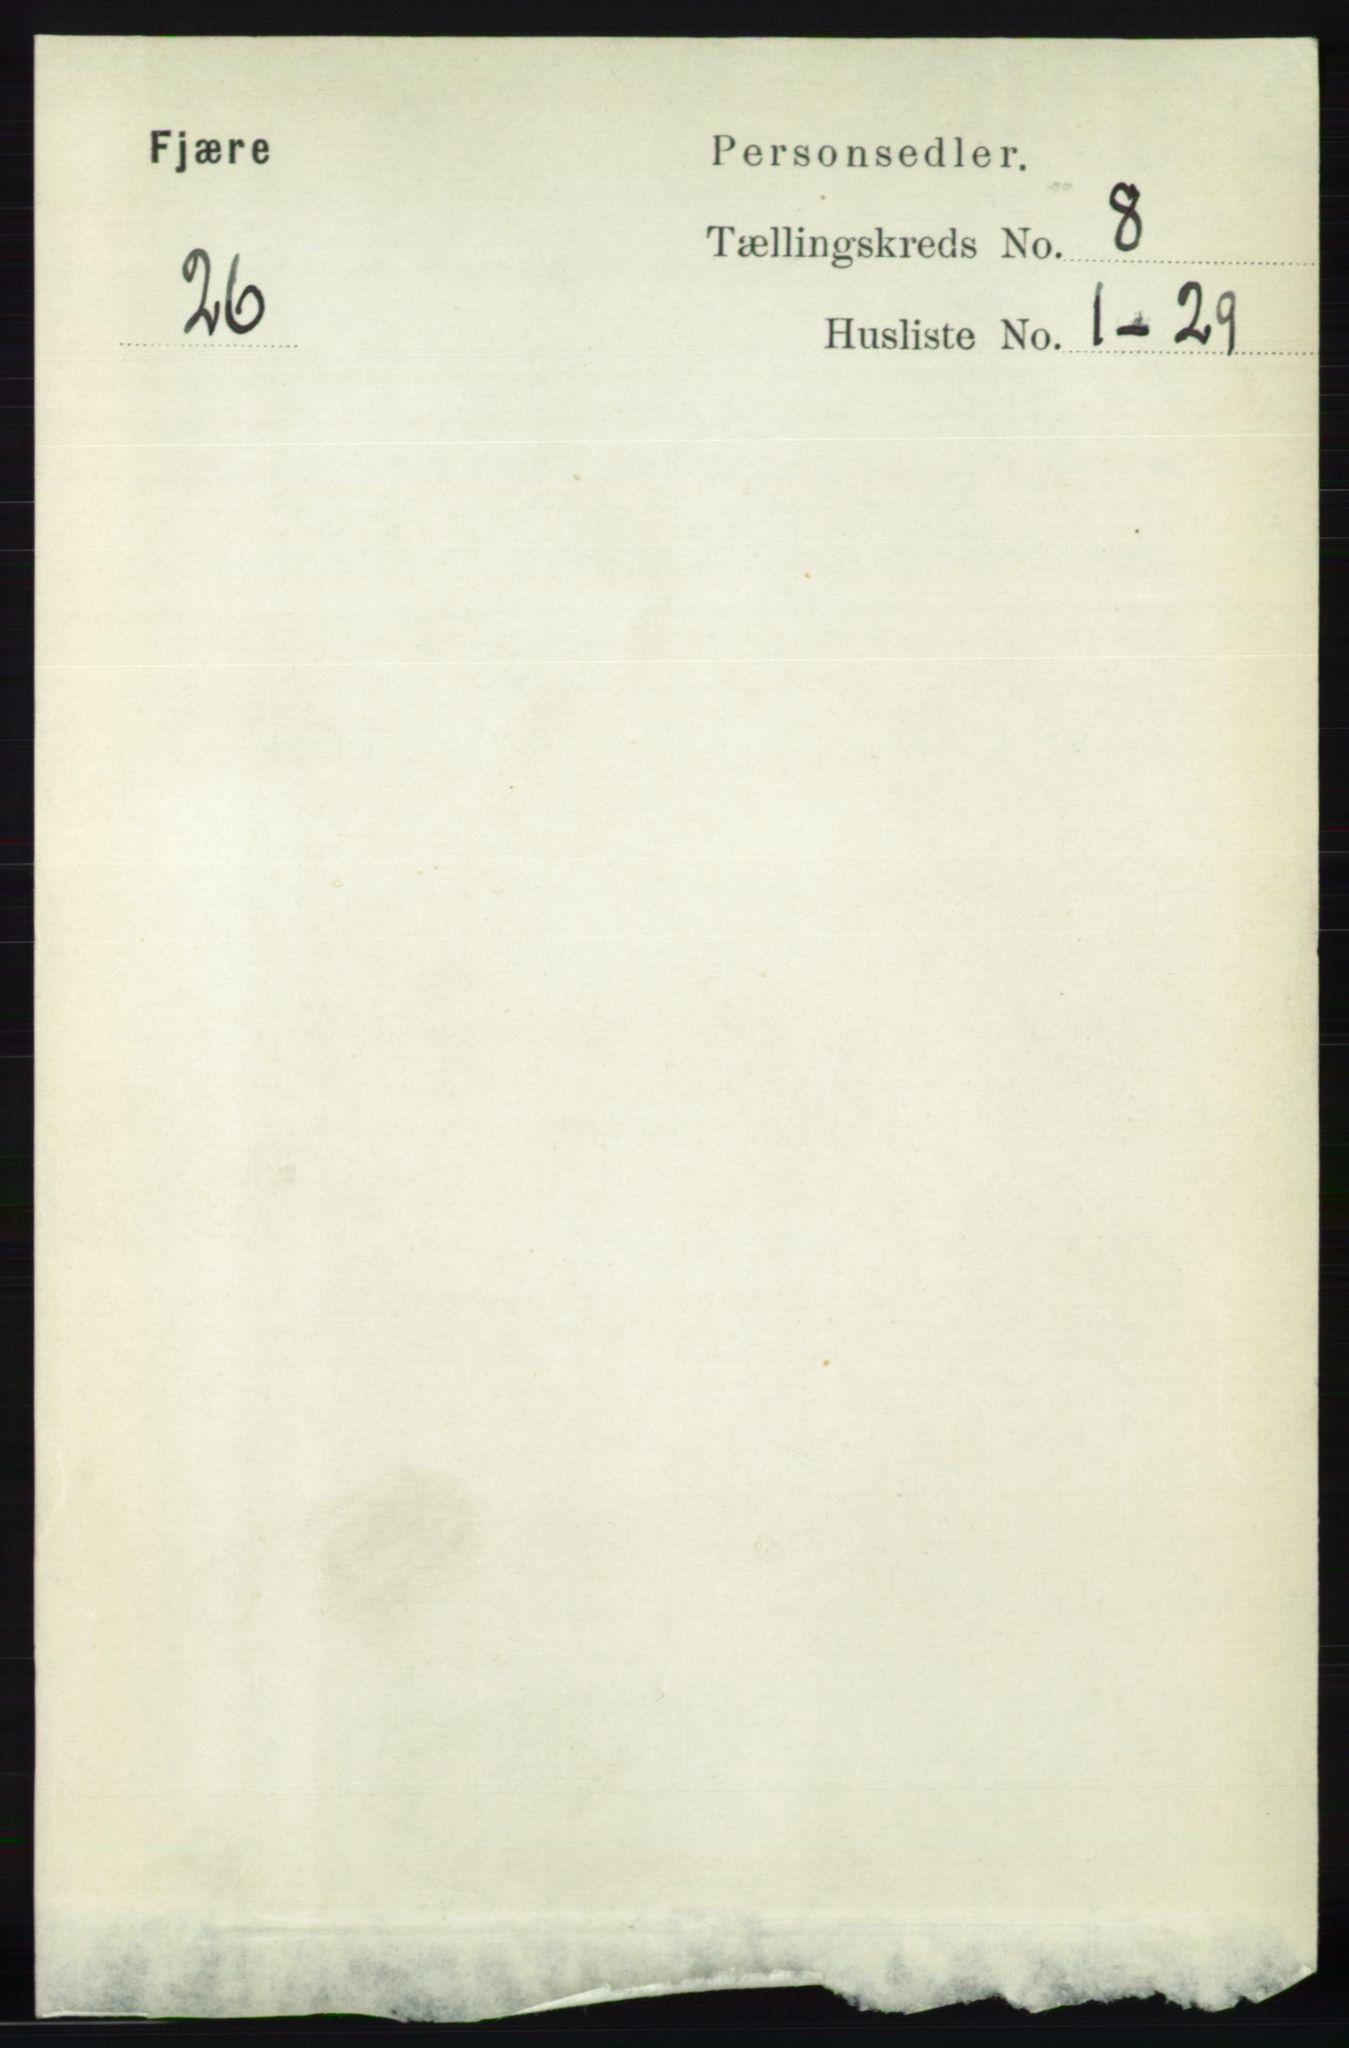 RA, Folketelling 1891 for 0923 Fjære herred, 1891, s. 3737